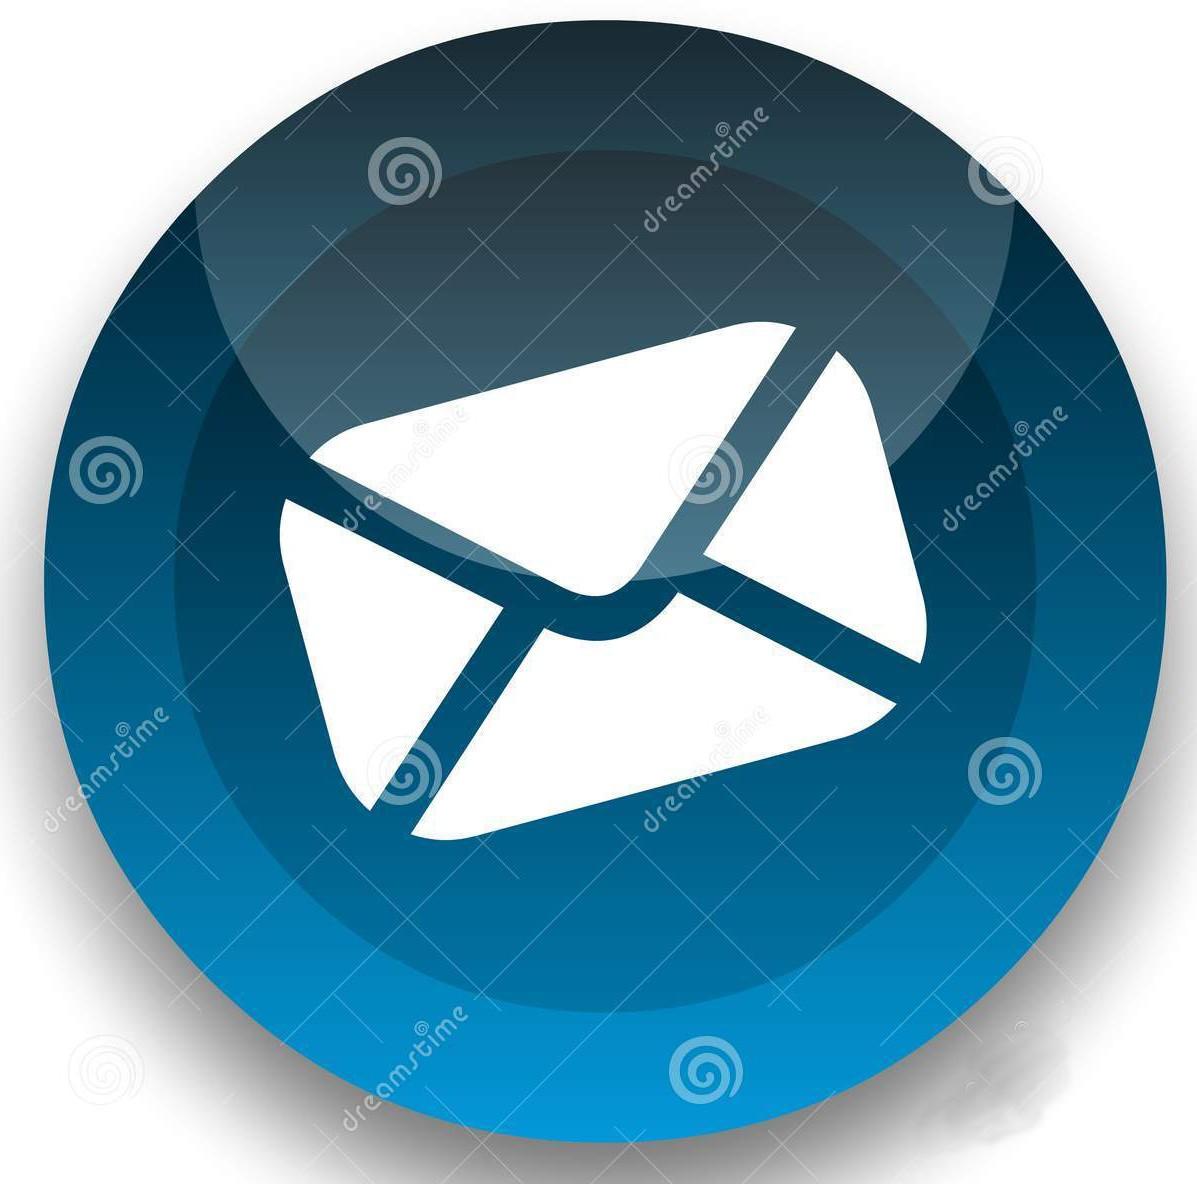 电邮图标.jpg